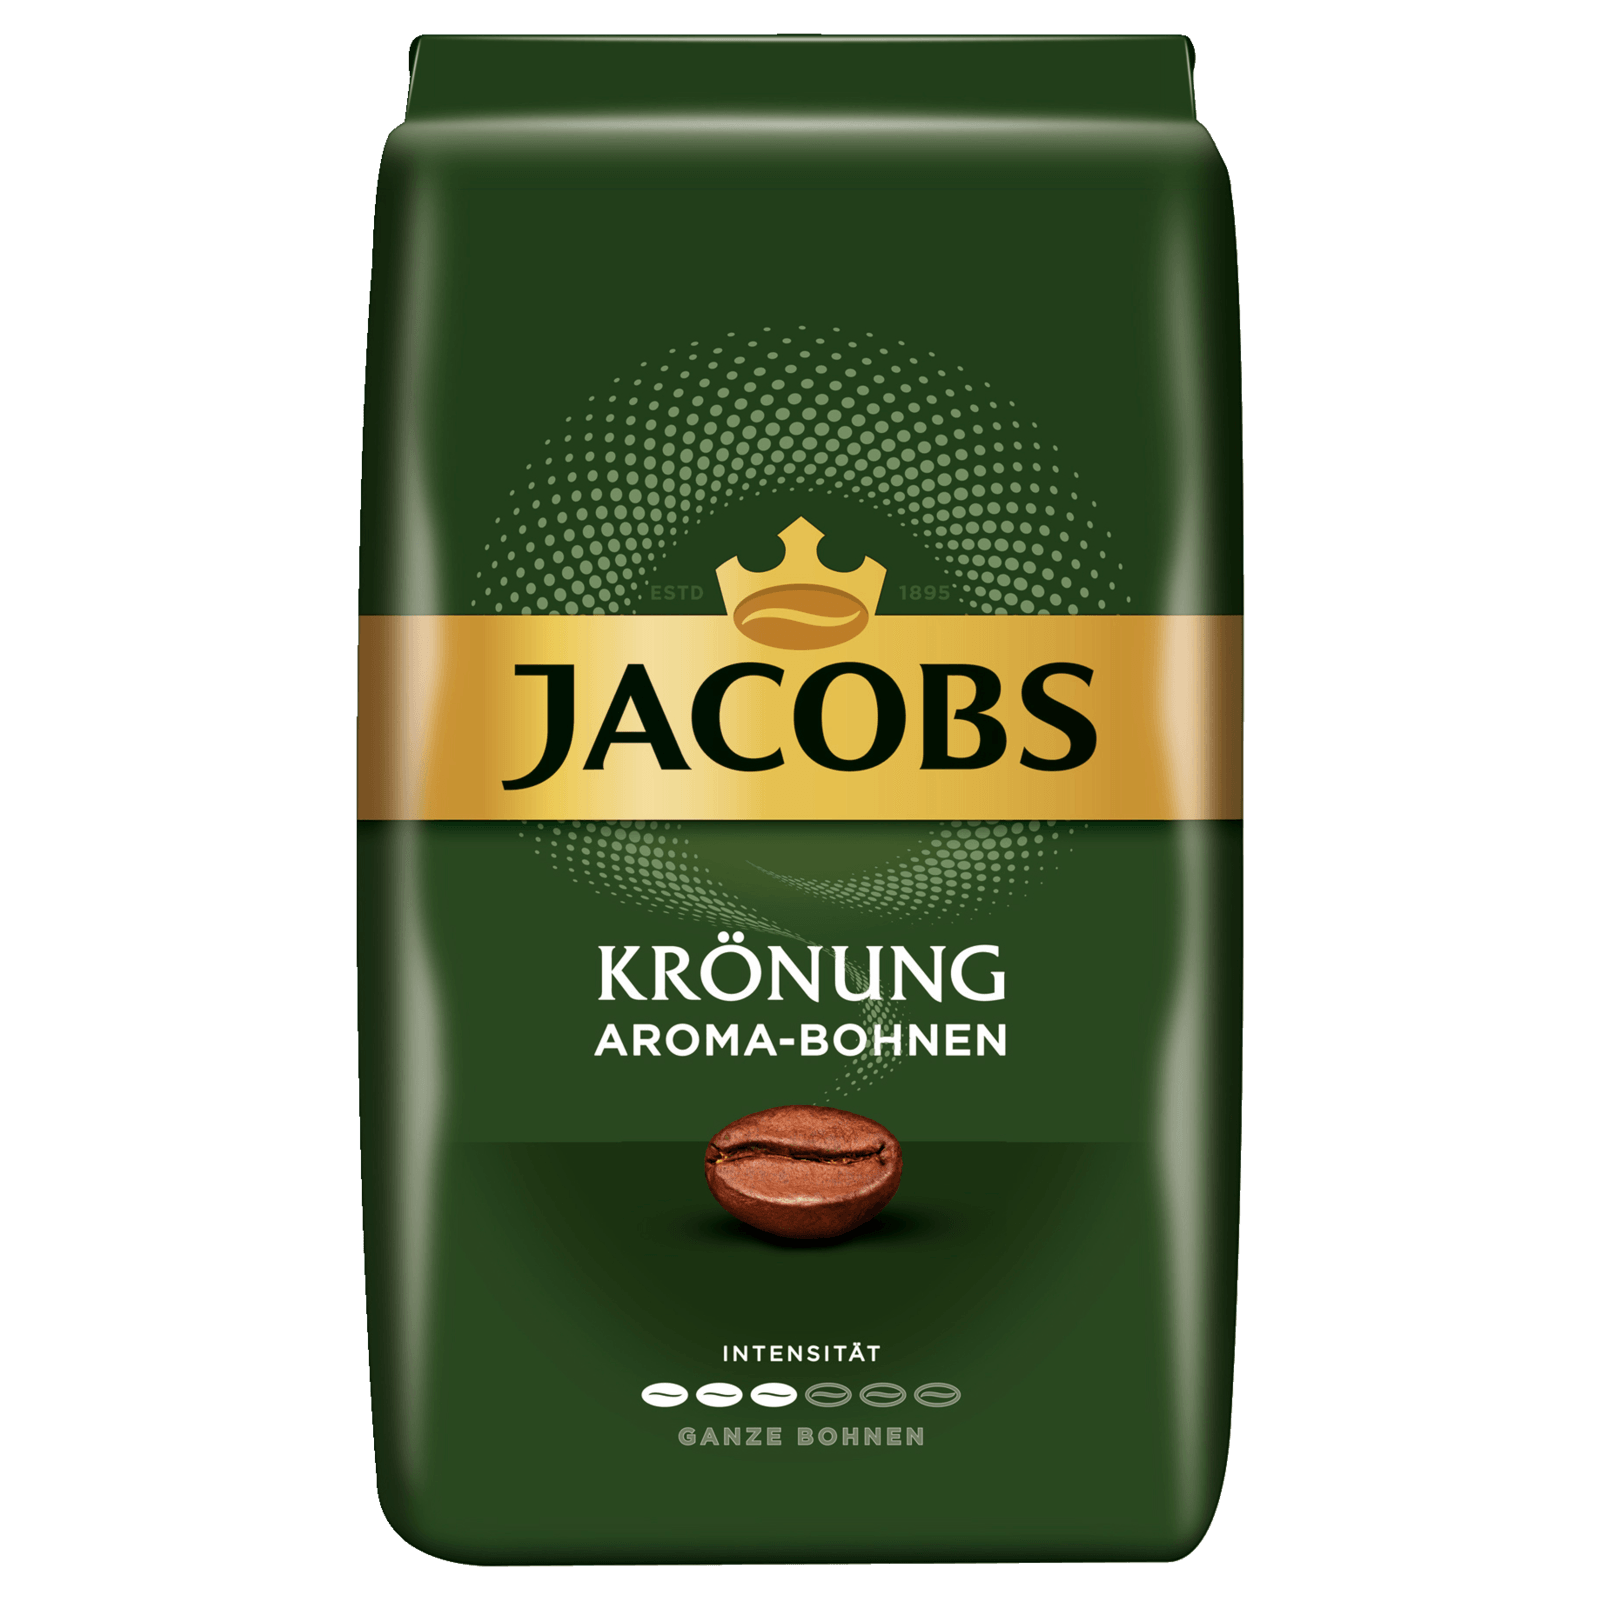 jacobs kronung angebot